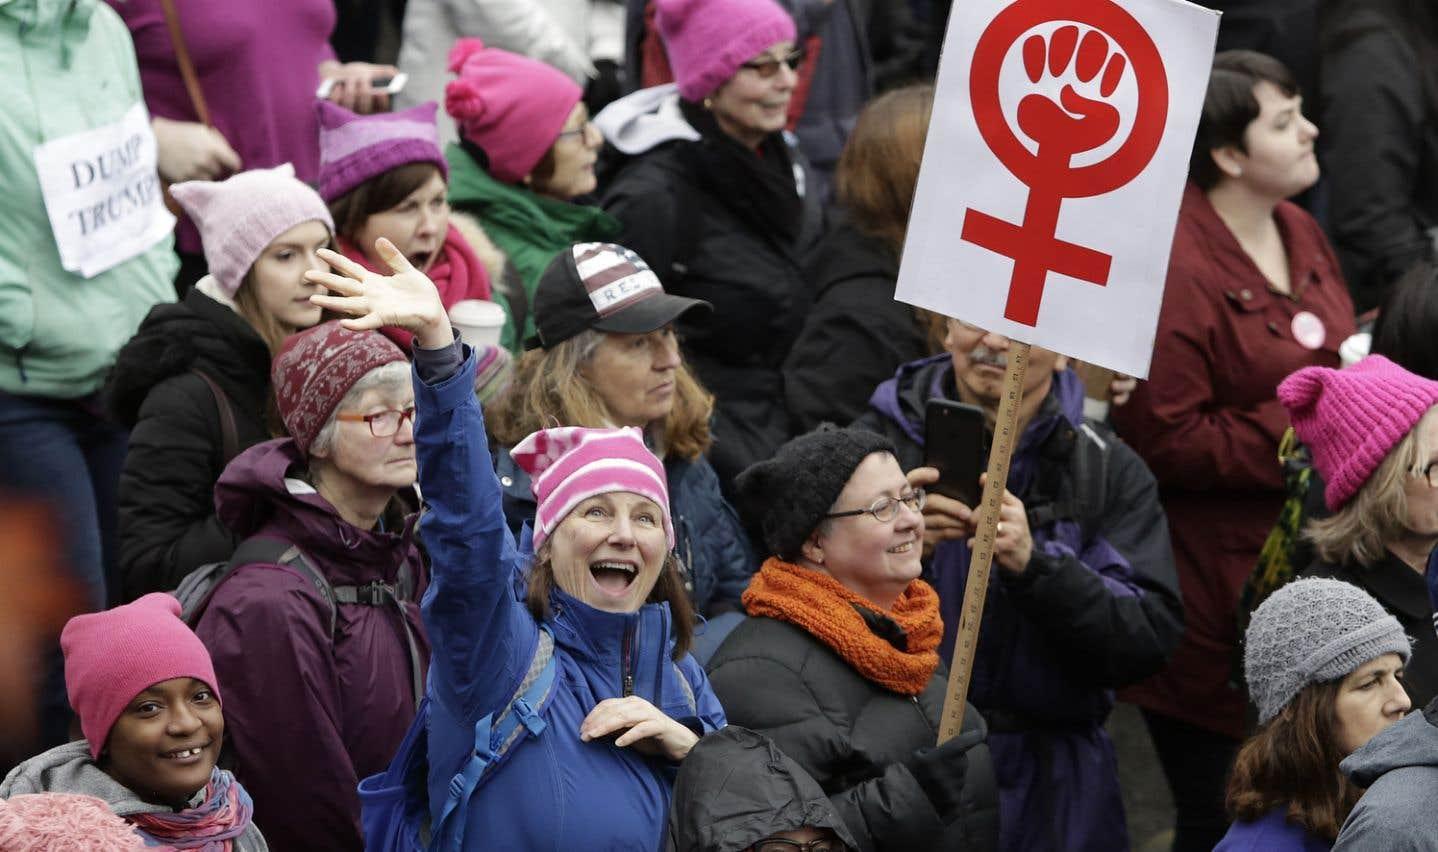 Féminisme: je ne suis pas malade, je suis lucide